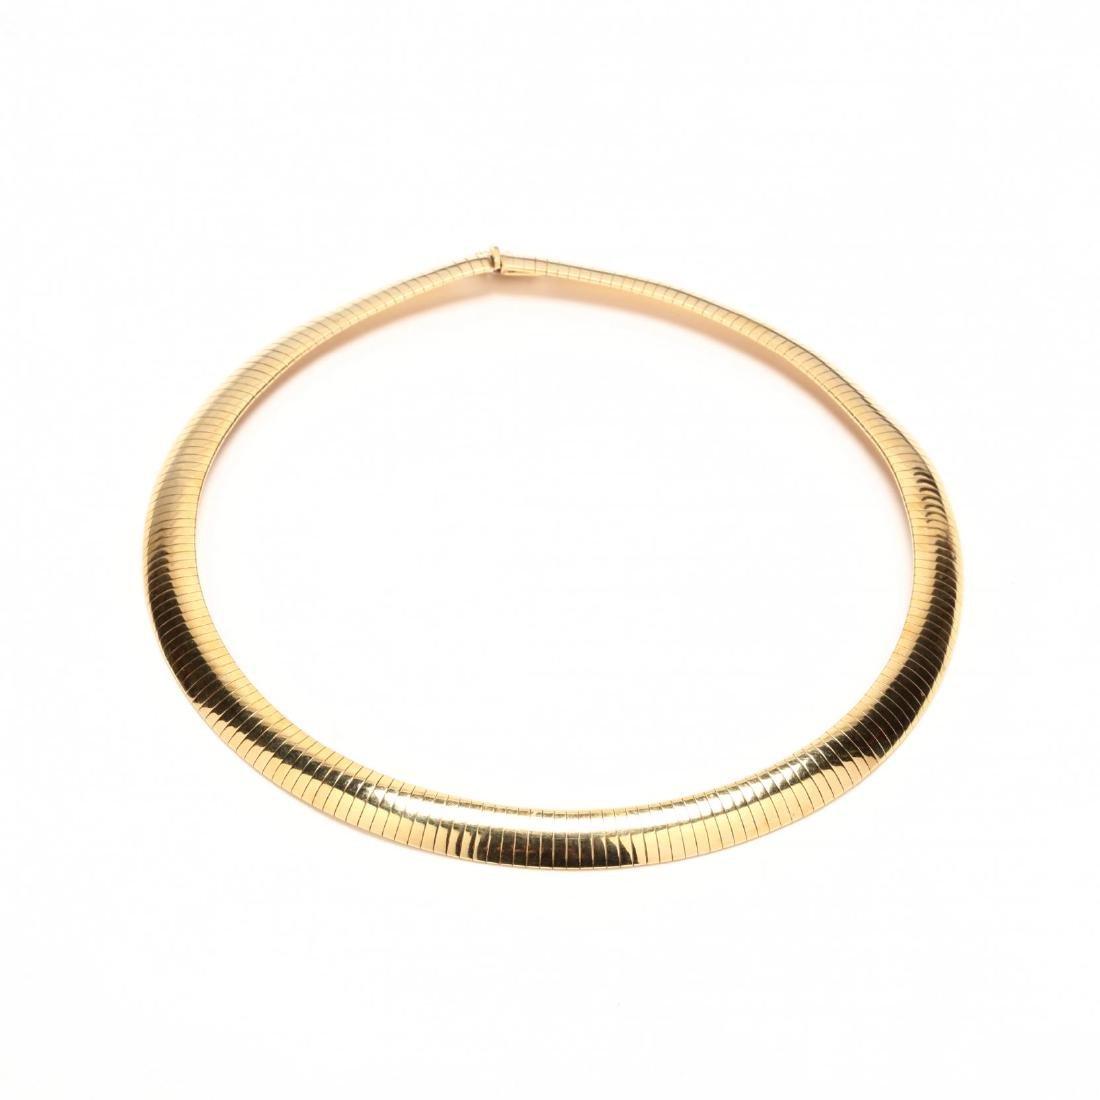 14KT Gold Wide Omega Necklace